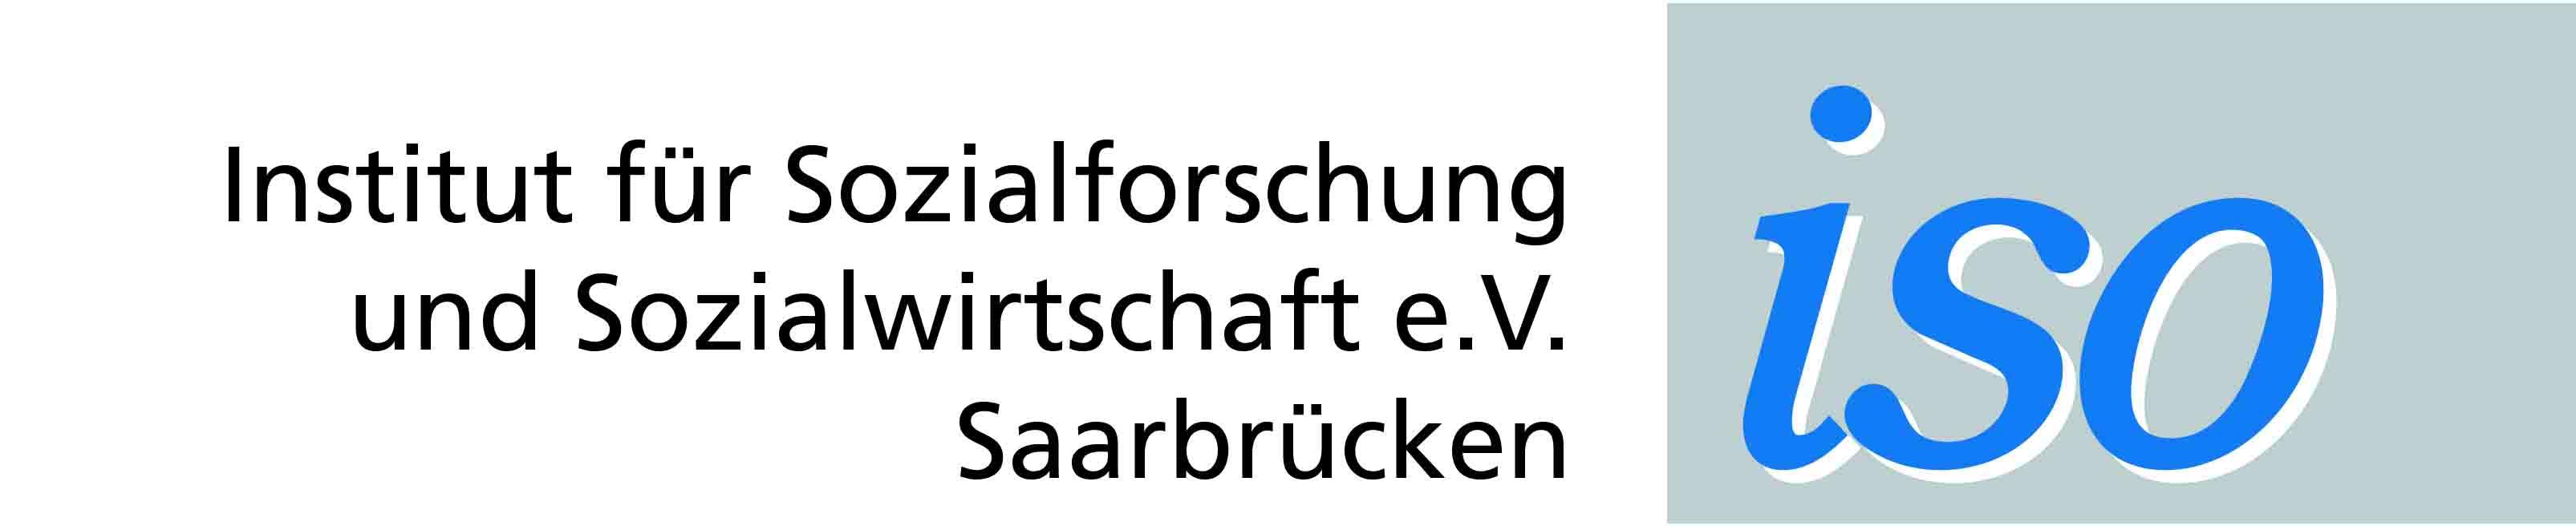 Logo von Institut für Sozialforschung und Sozialwirtschaft e.V. Saarbrücken